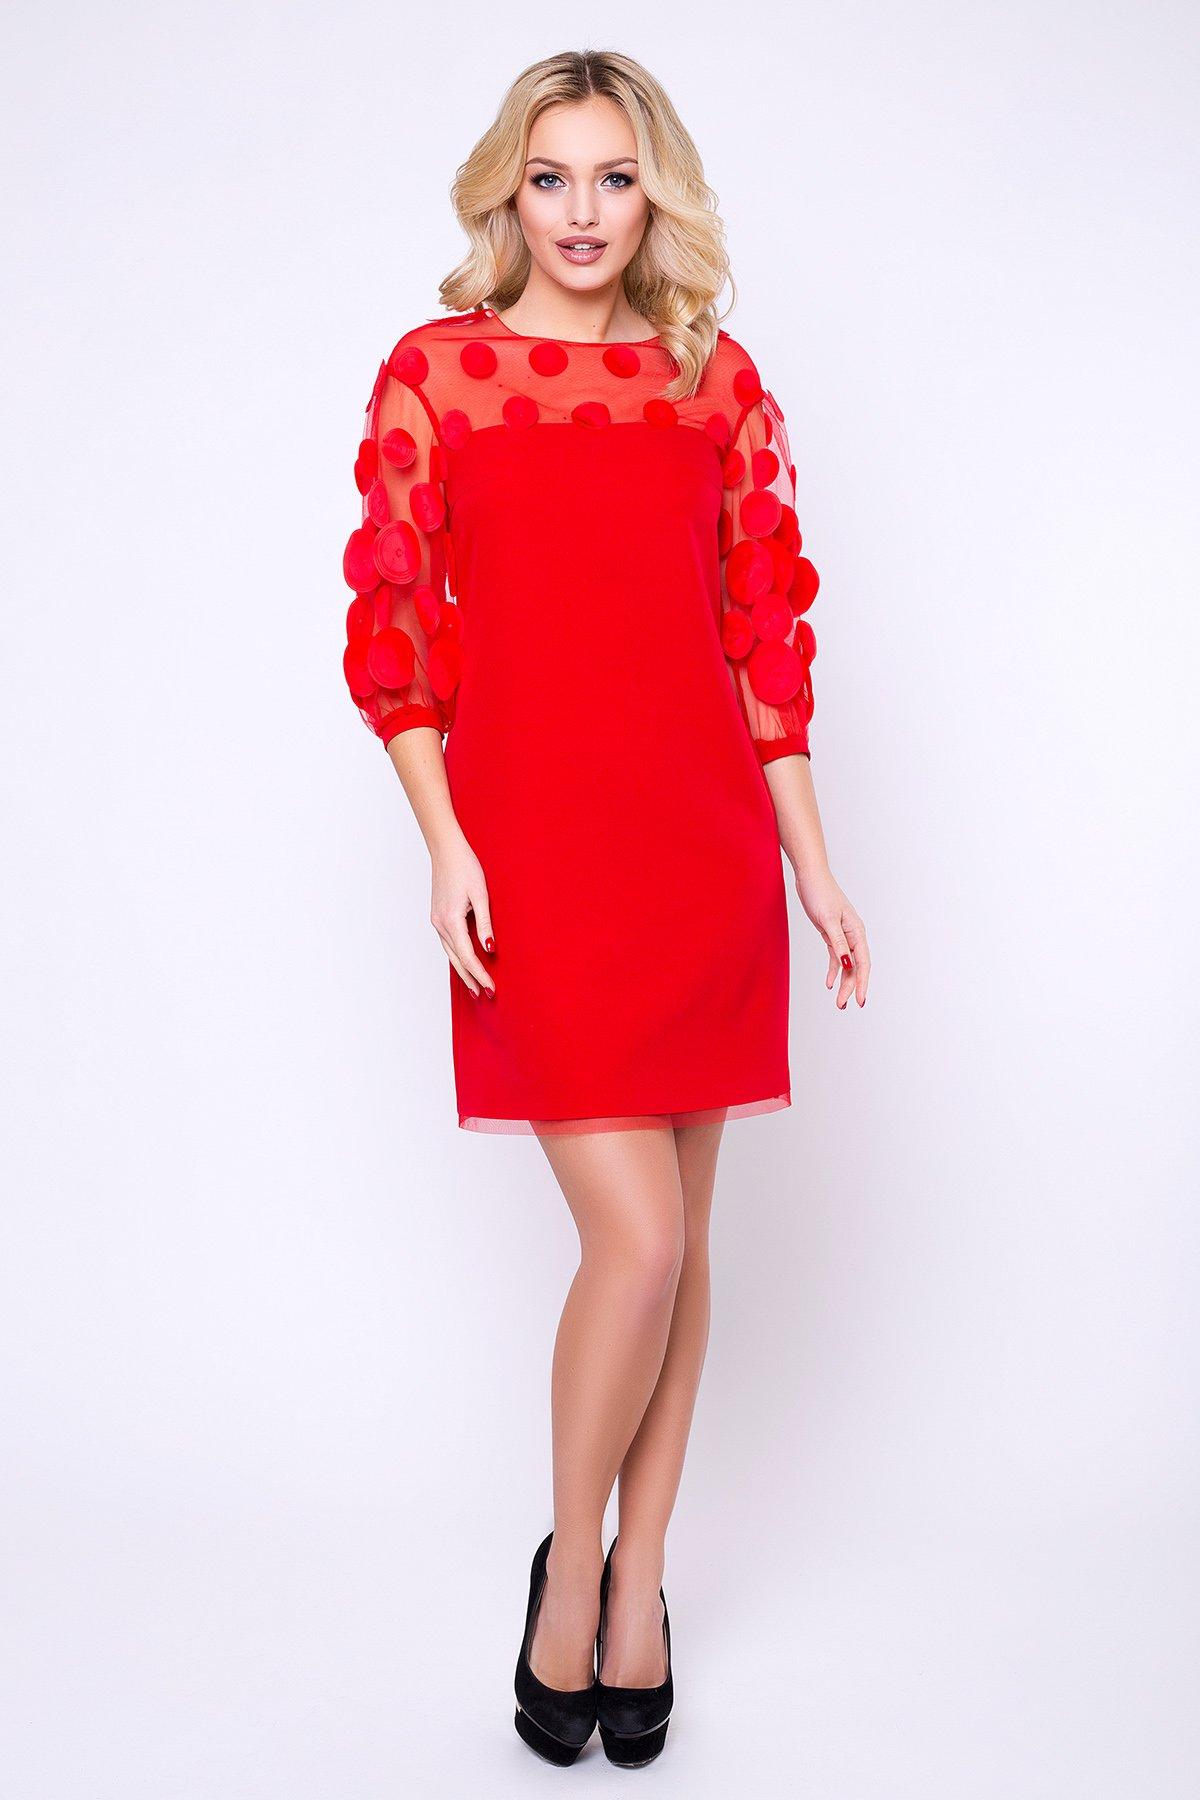 Червоні сукні жіночі купити недорого онлайн 999d34c4ff2fa